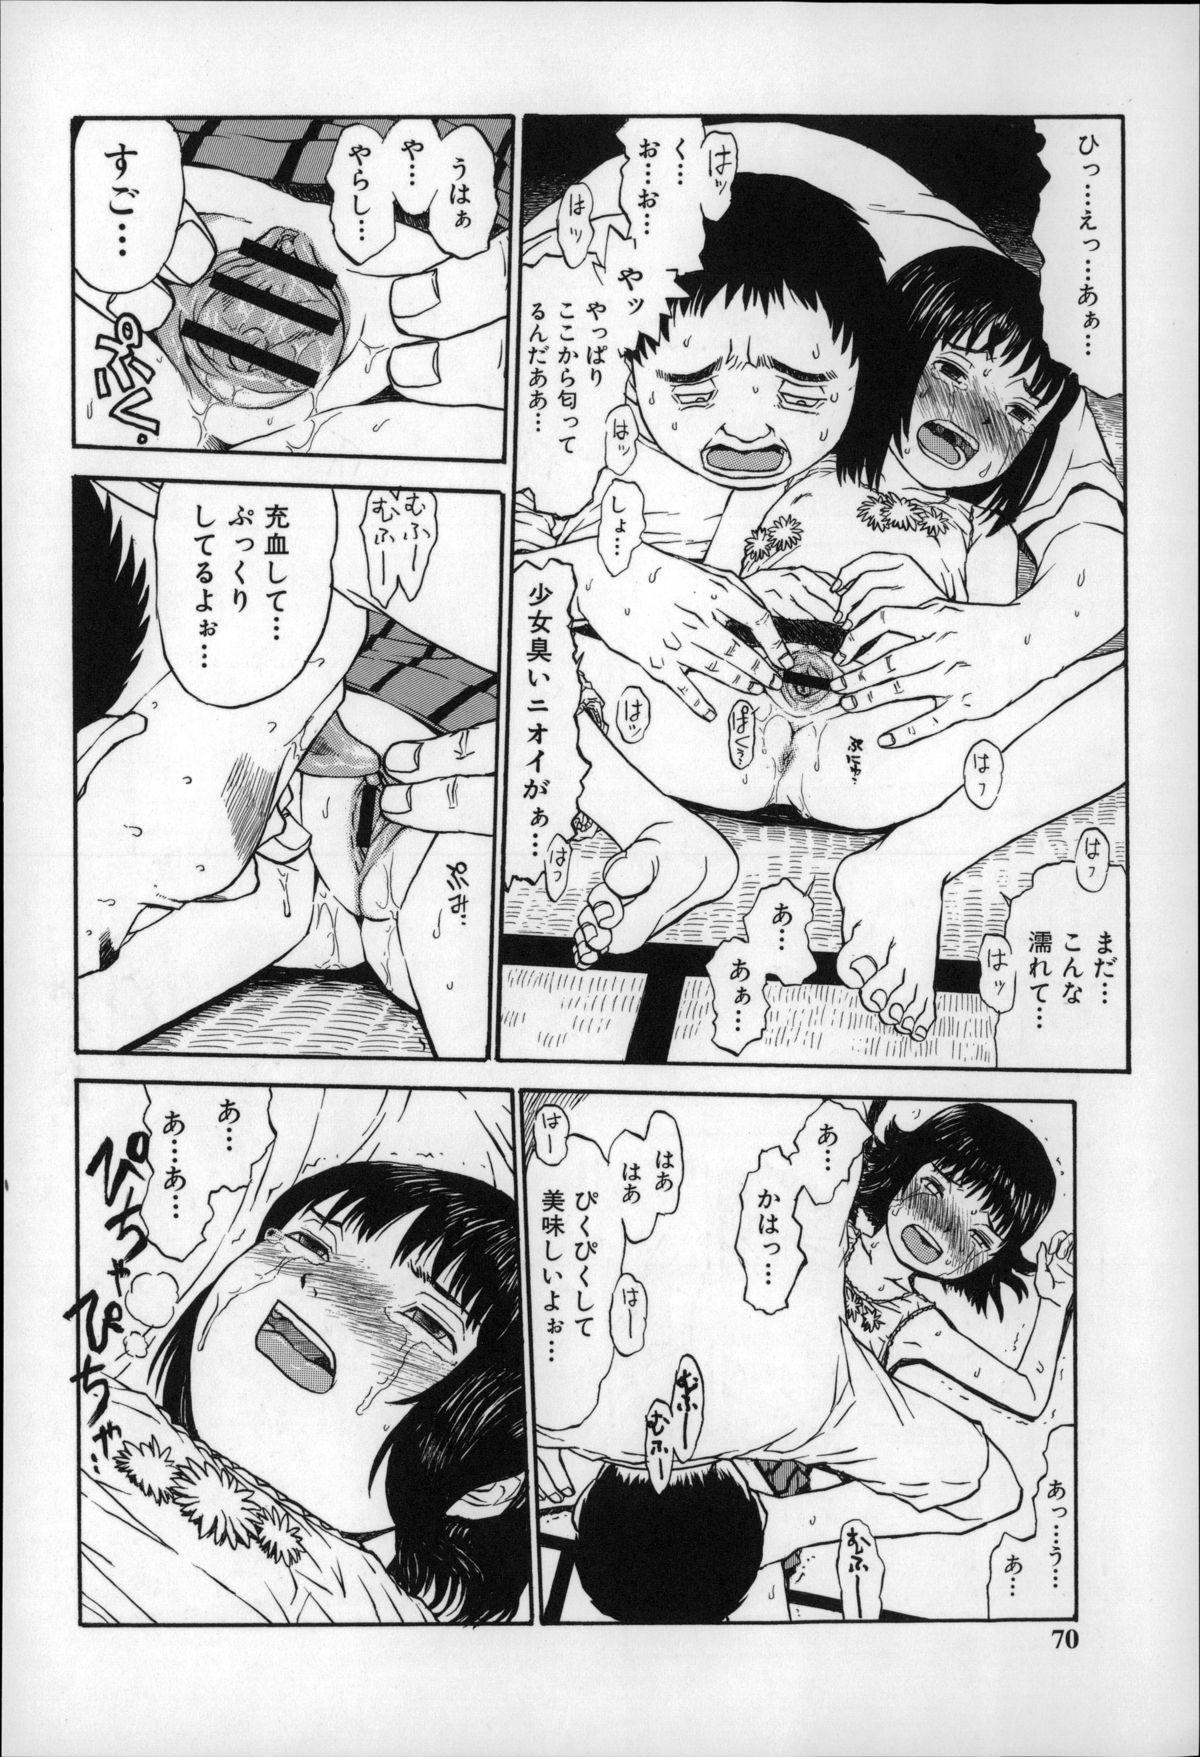 Otona wa Minaide! 68